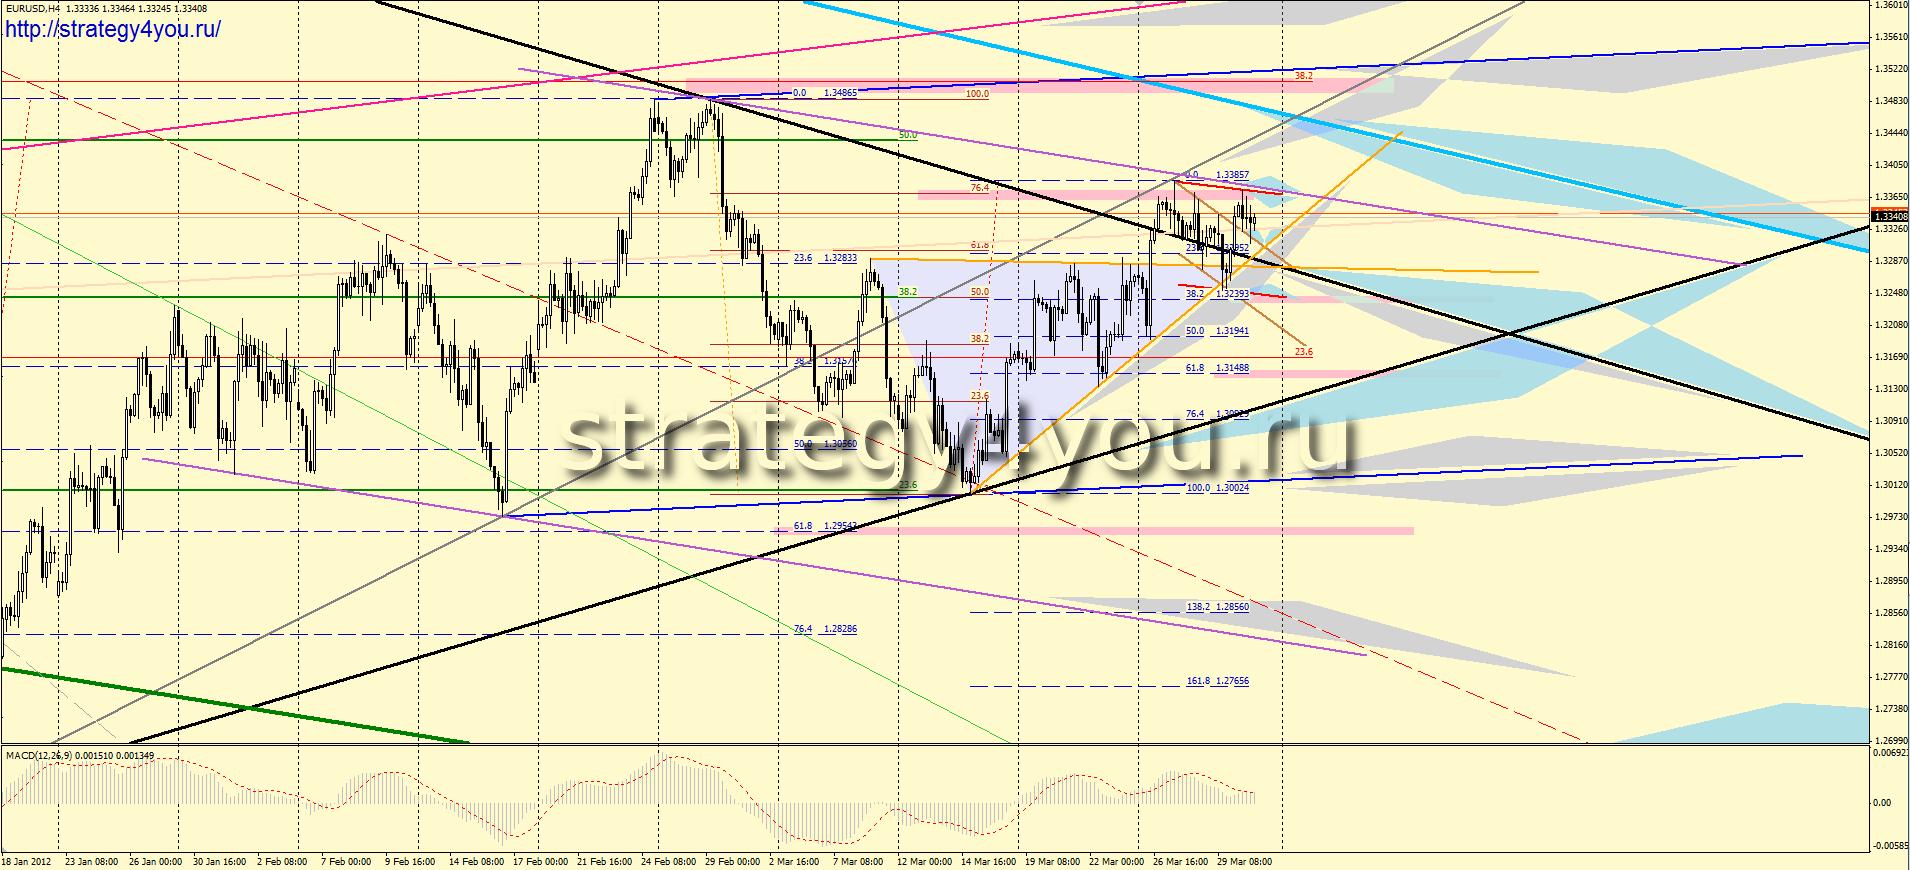 Форекс прогноз EURUSD (2-6 апреля 2012)